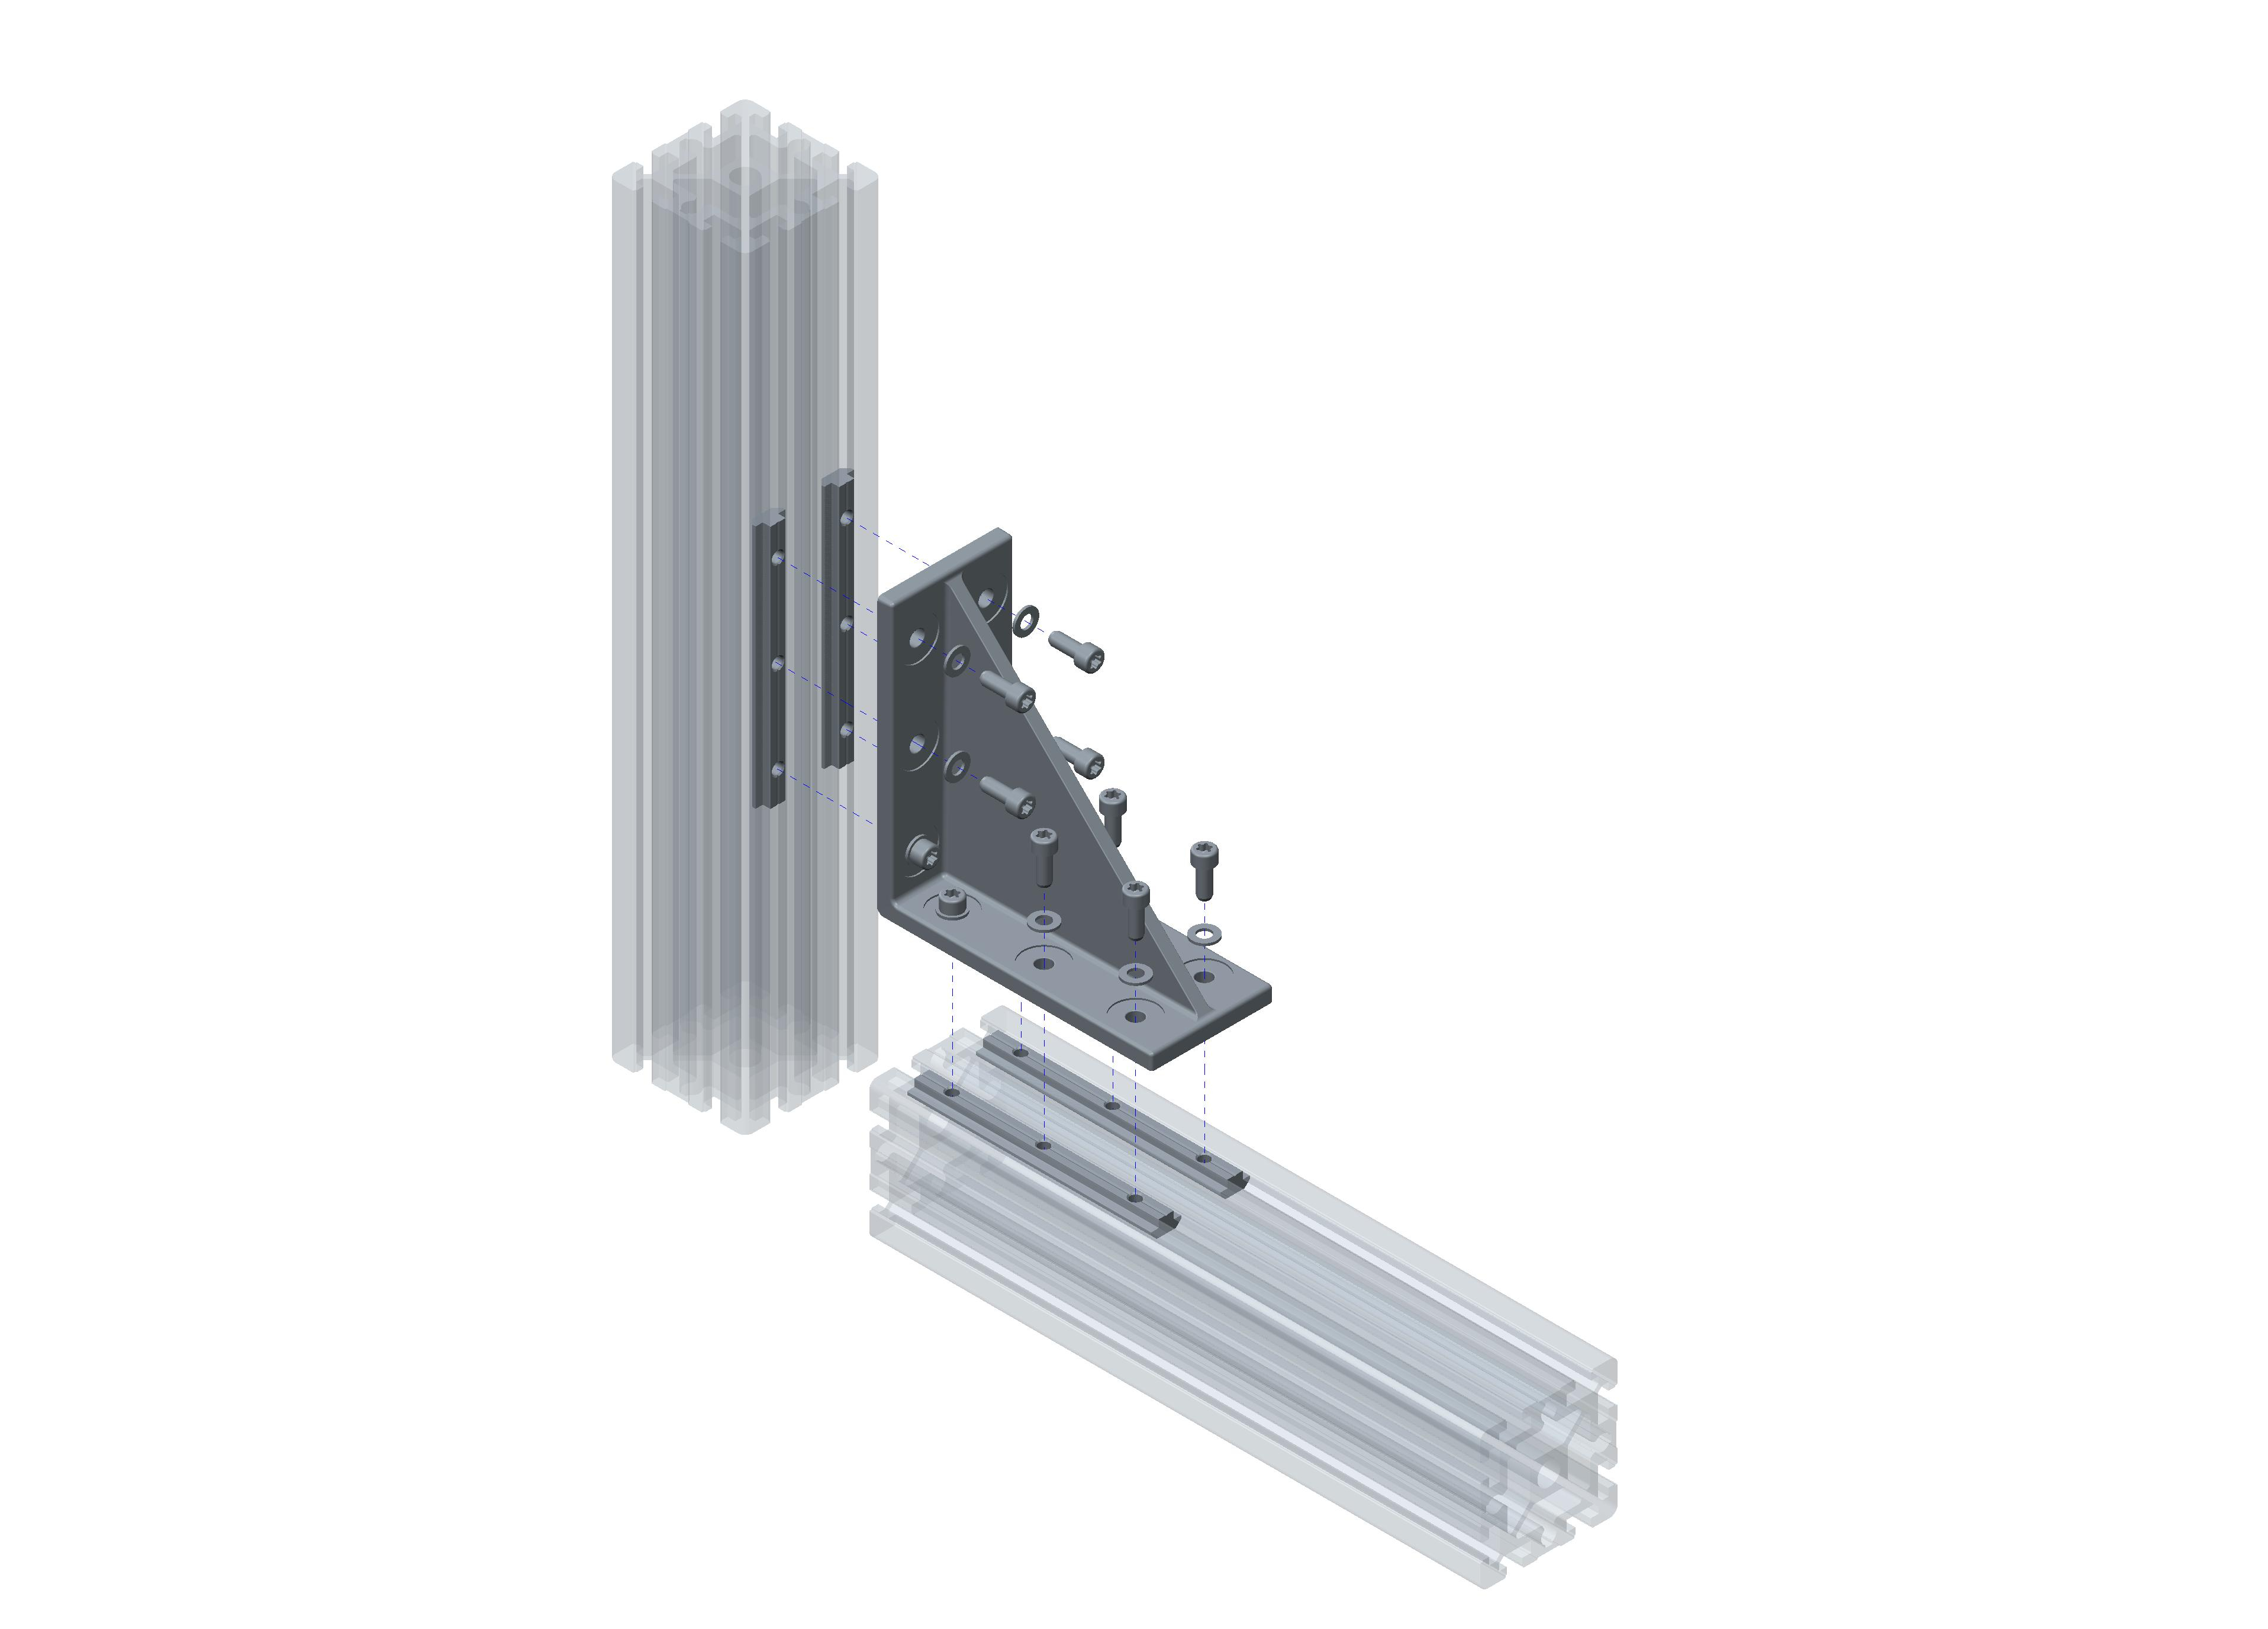 Heavy-duty connectors